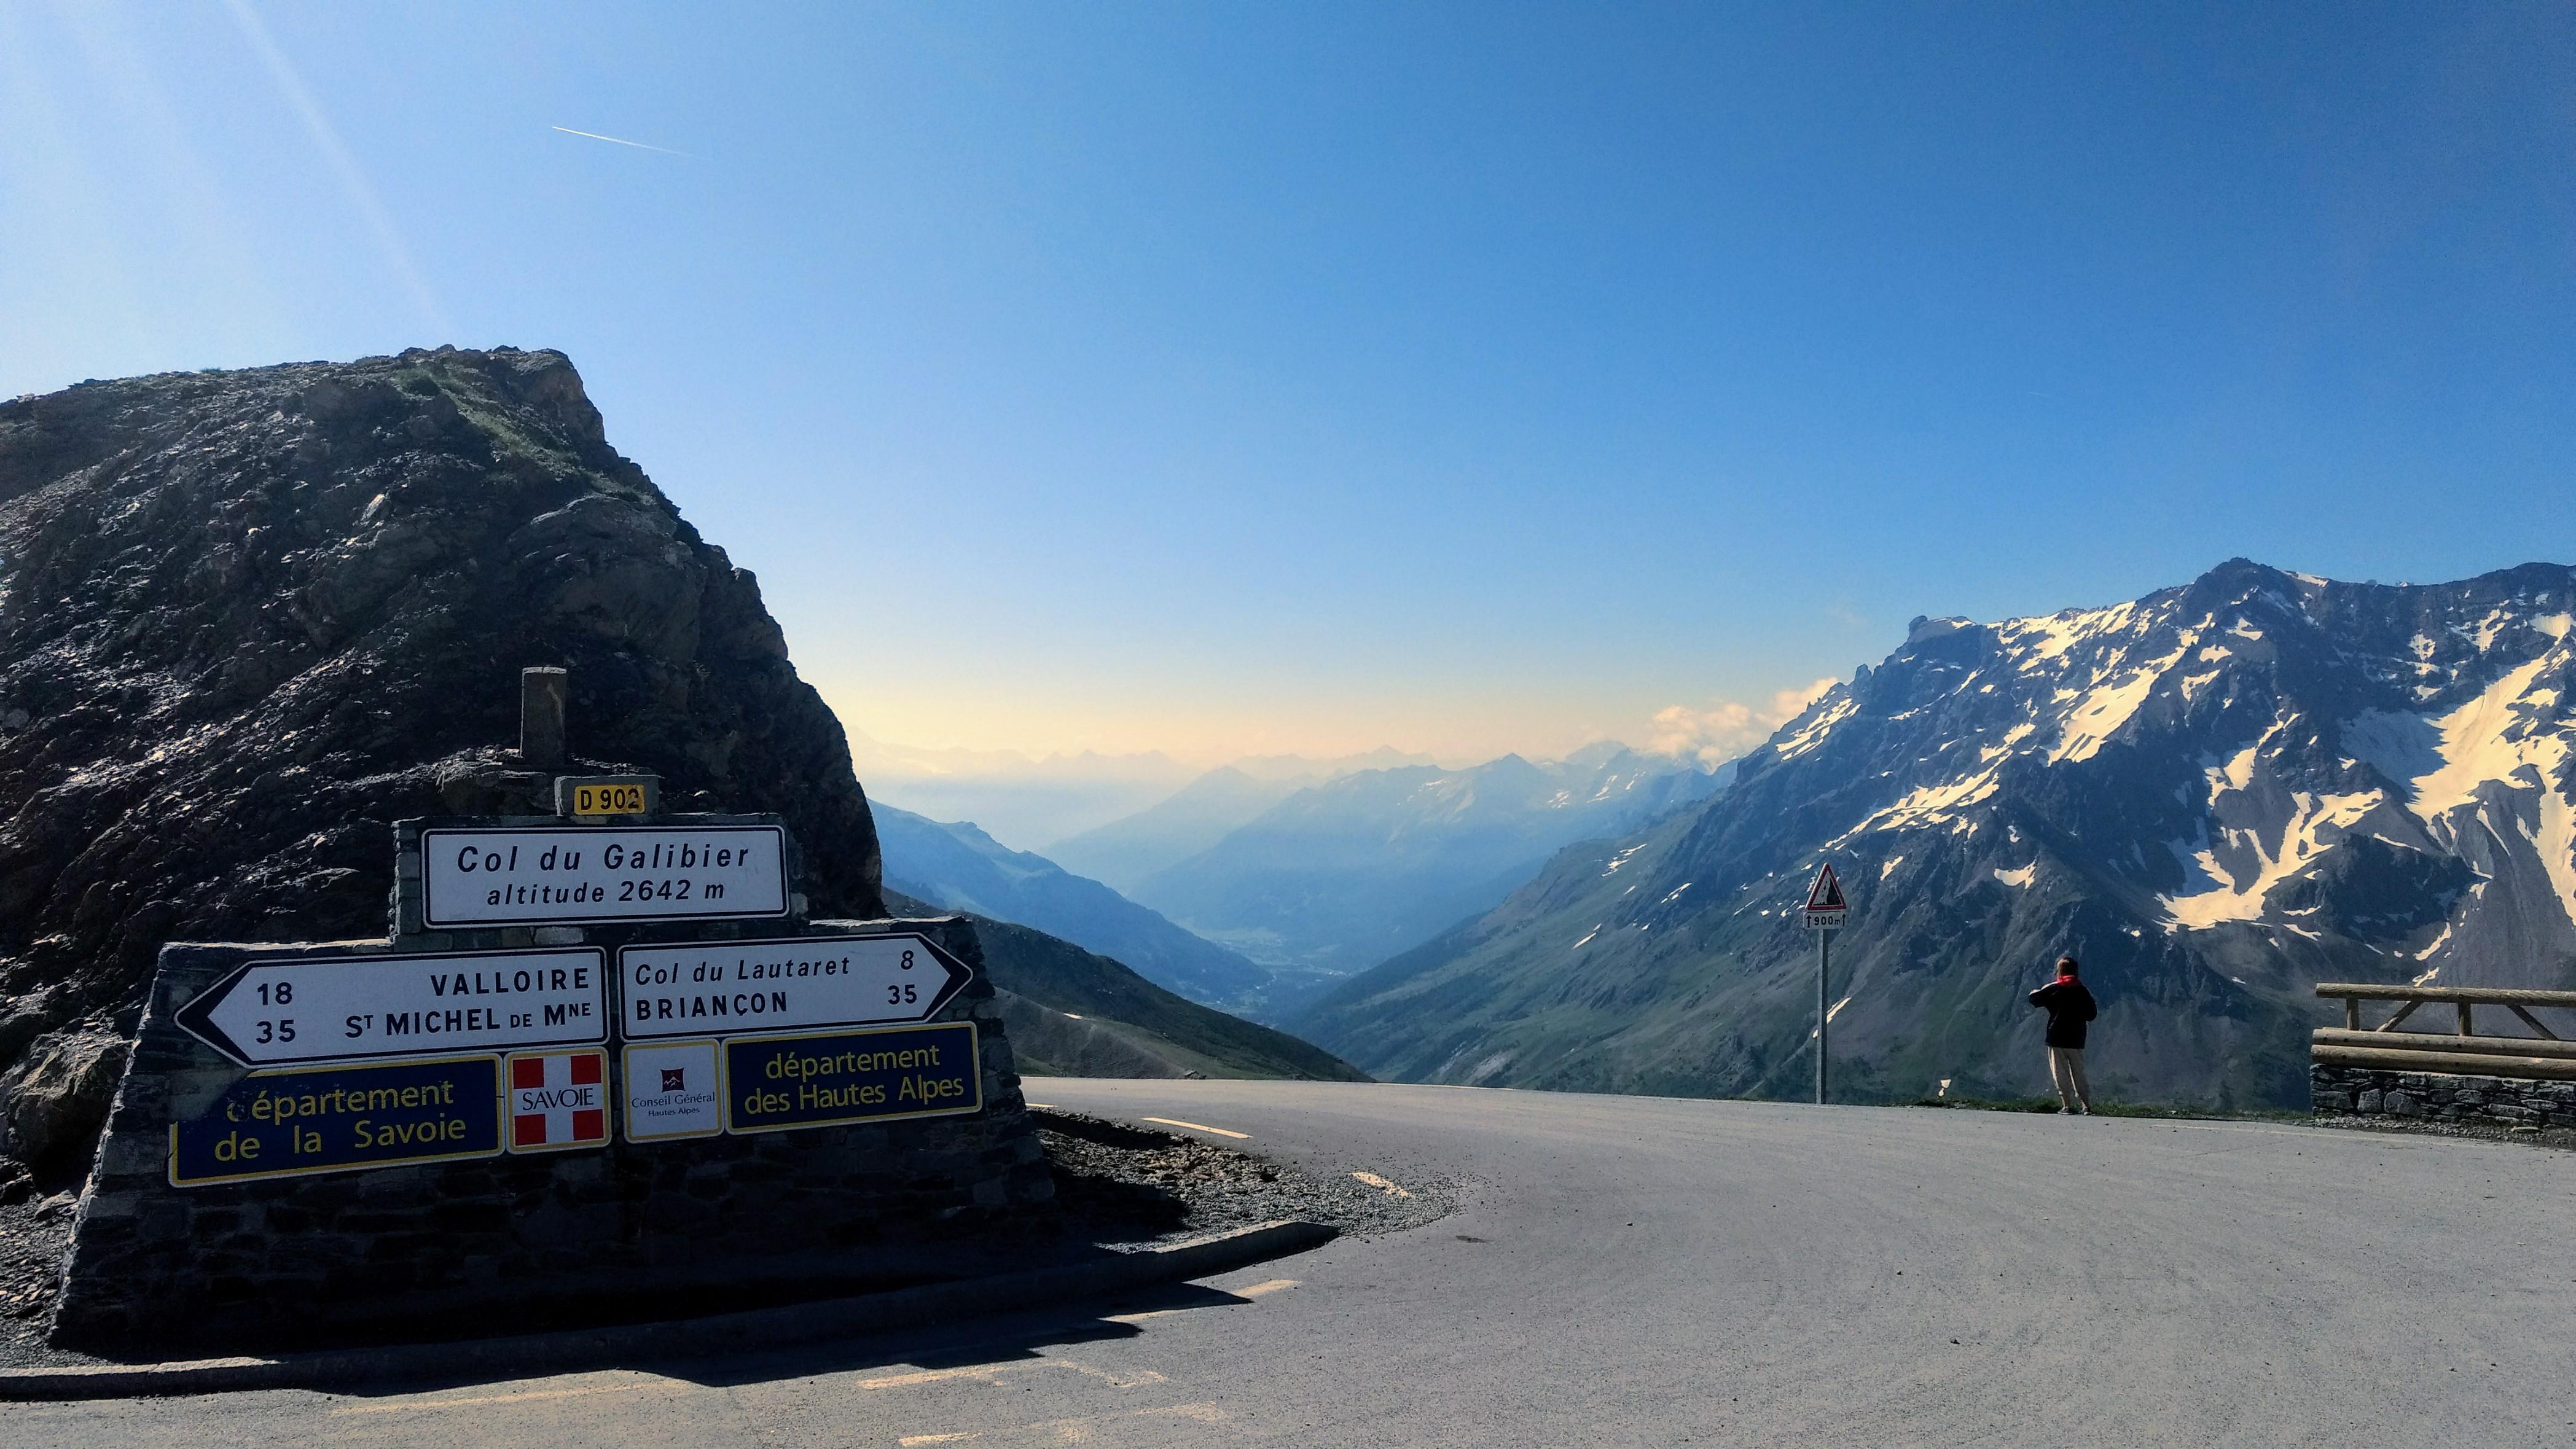 Alpe d 39 huez beklimmen met de fiets - Office du tourisme alpe d huez ...